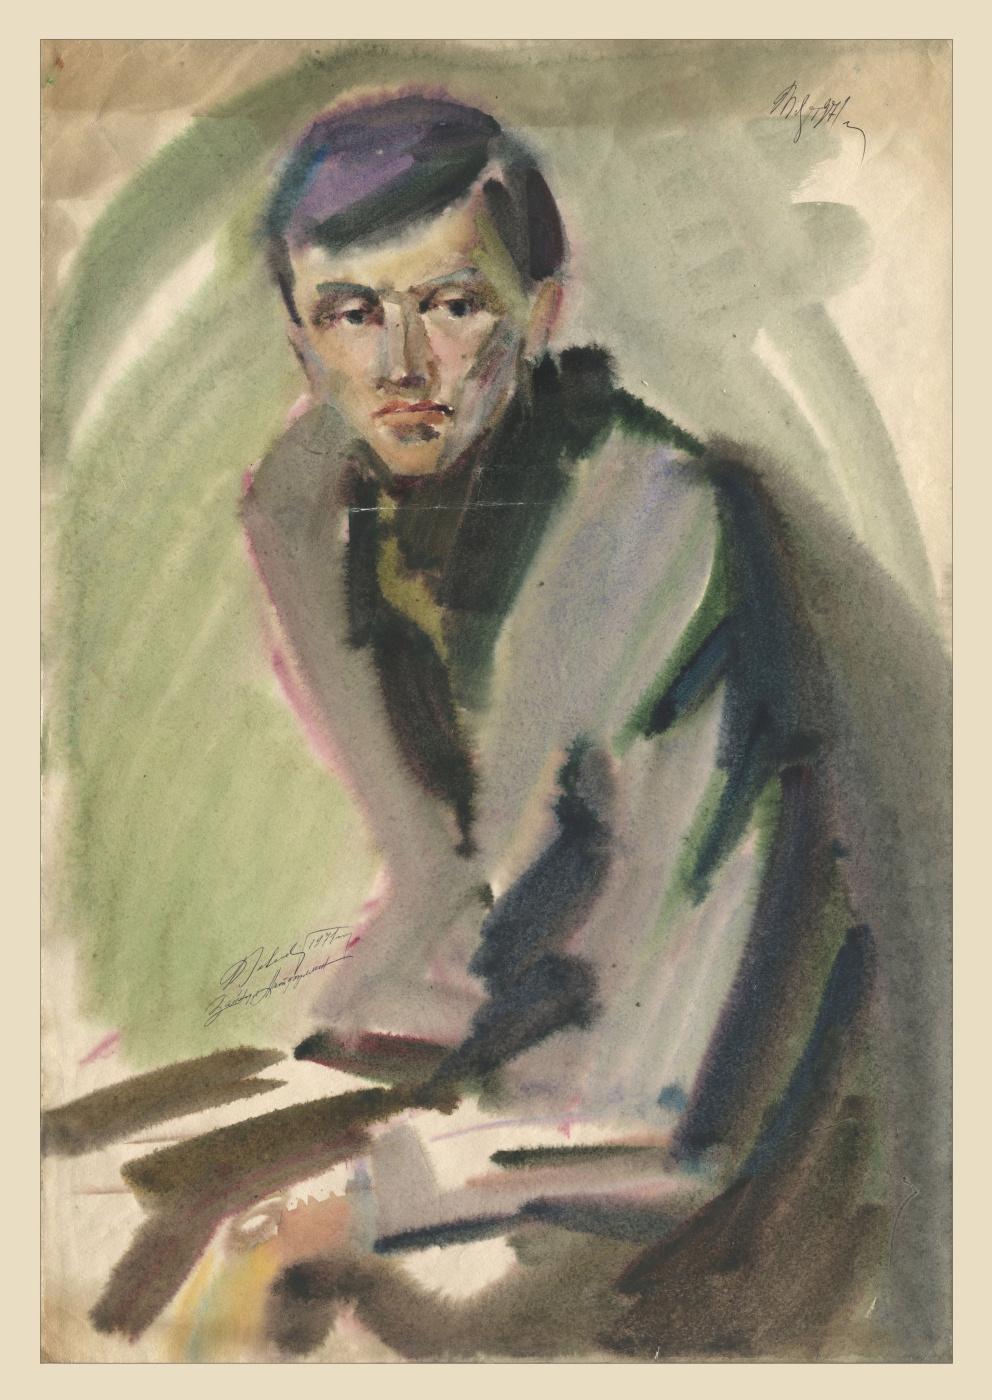 Alexandrovich Rudolf Pavlov. Portrait. Barked Nigomatovich Latfulin. 1971